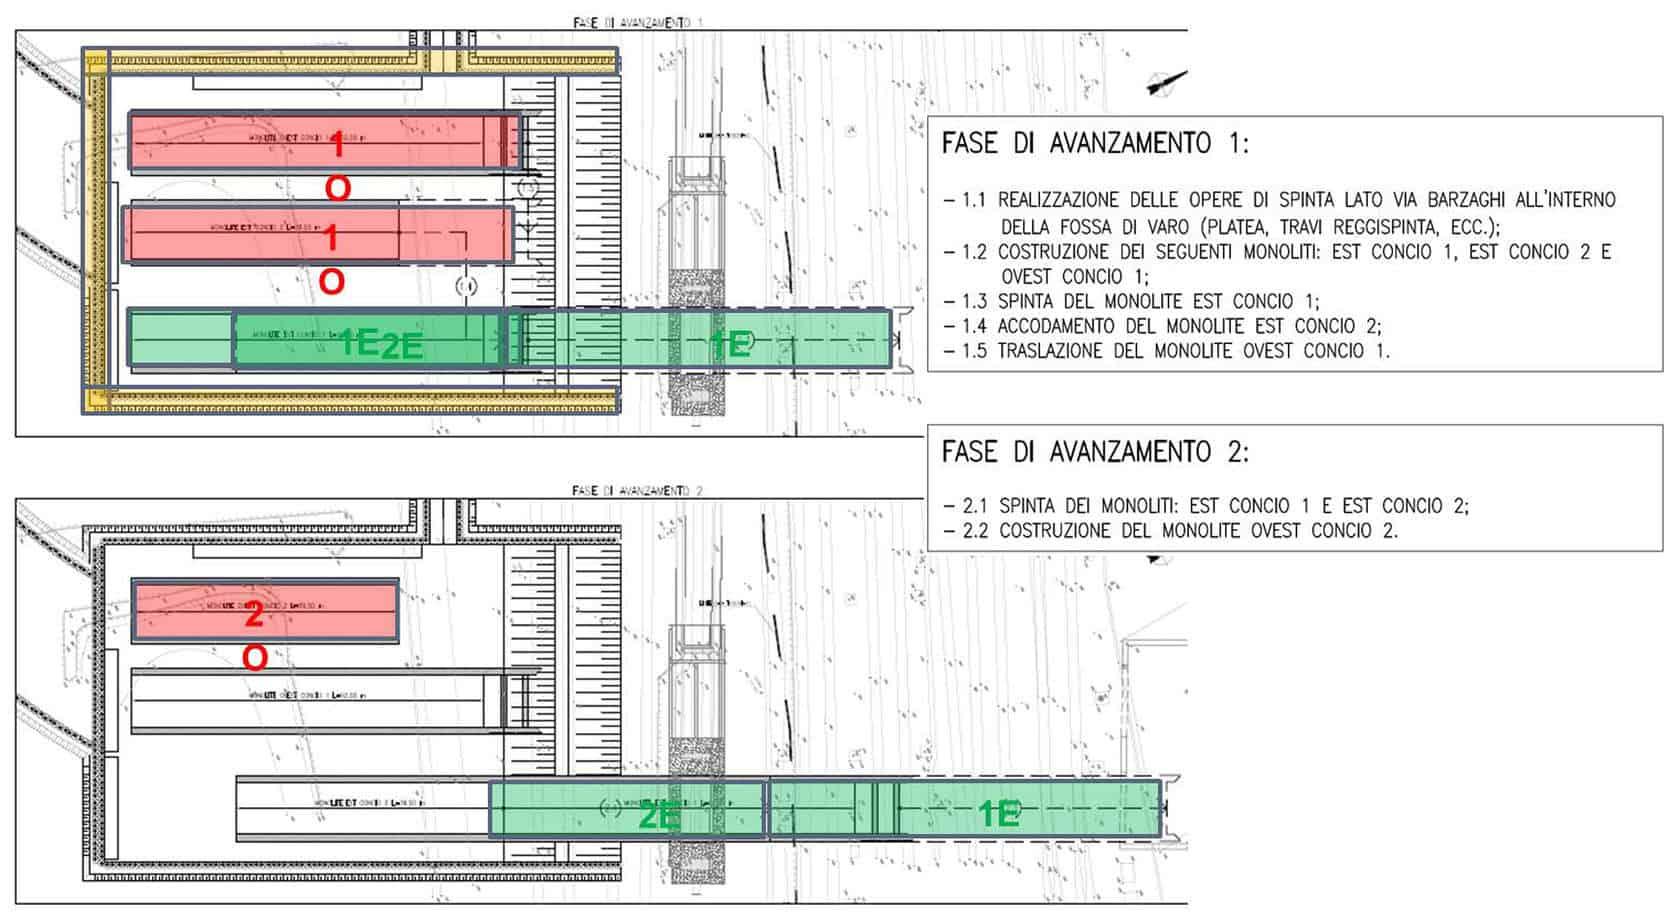 Lo spingitubo veicolare: le fase di avanzamento 1 e 2